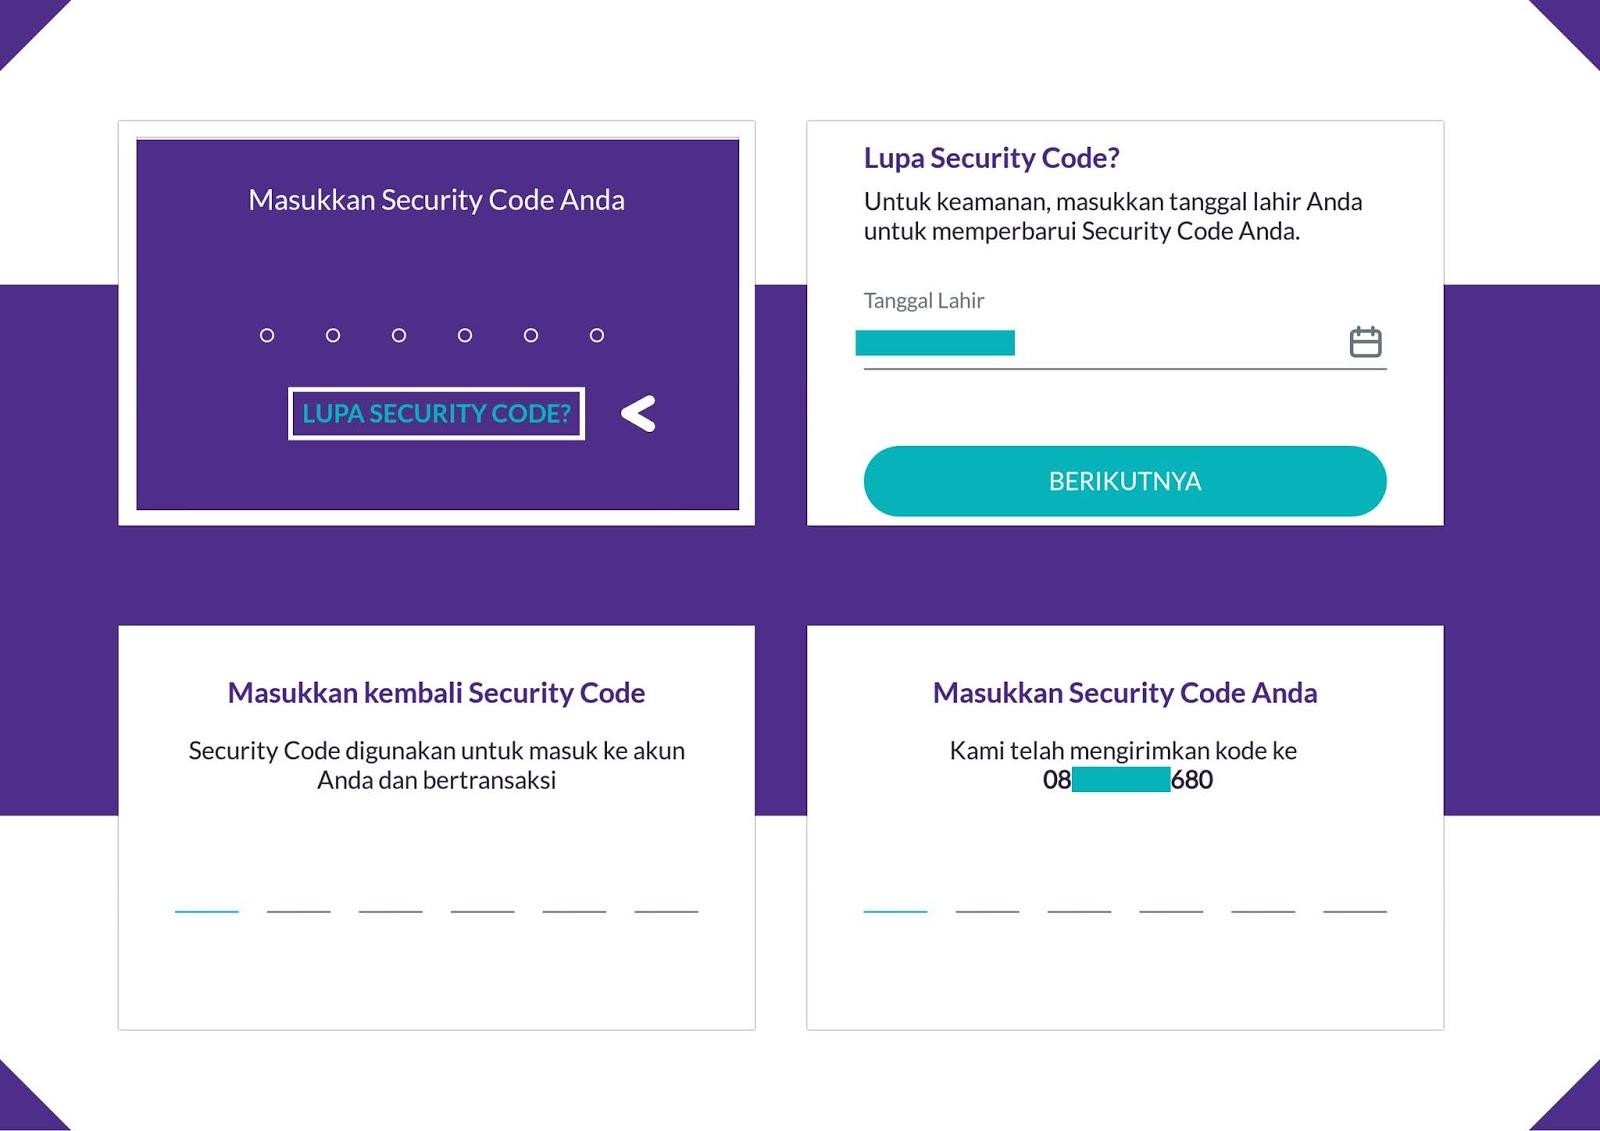 Solusi Bagi Yang Melupakan Security Code Di Akun Ovo Internet Sememi